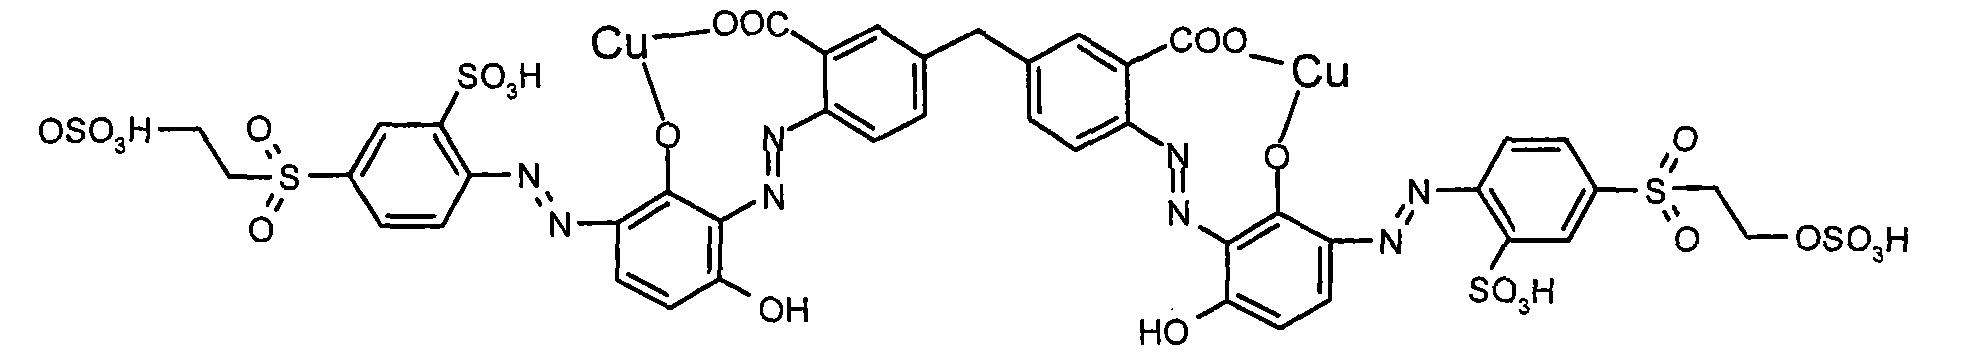 Figure CN101891967BD00861